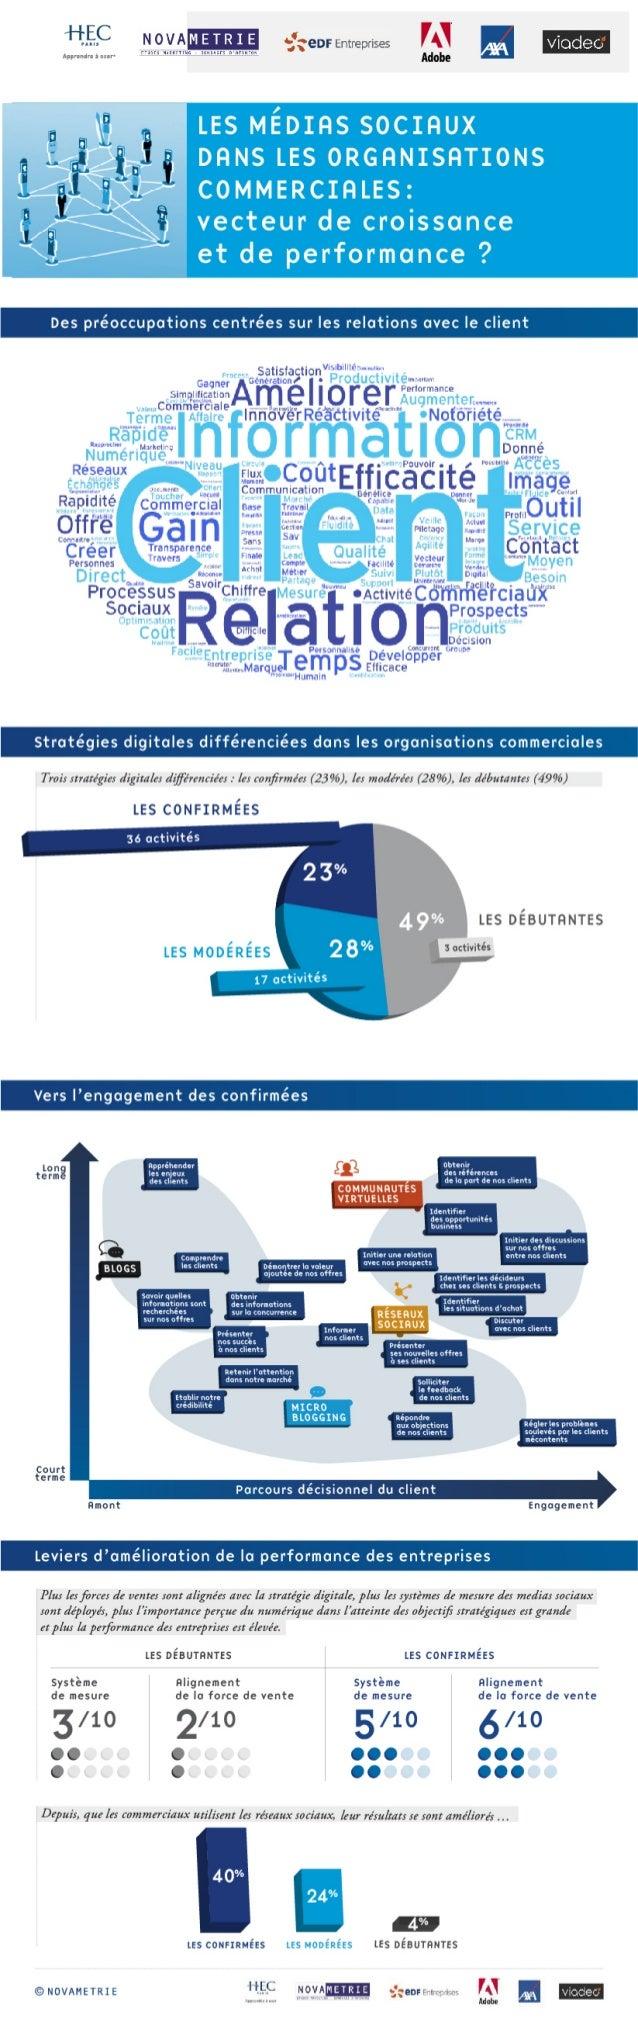 [Infographie] Usage des médias sociaux dans les organisations commerciales